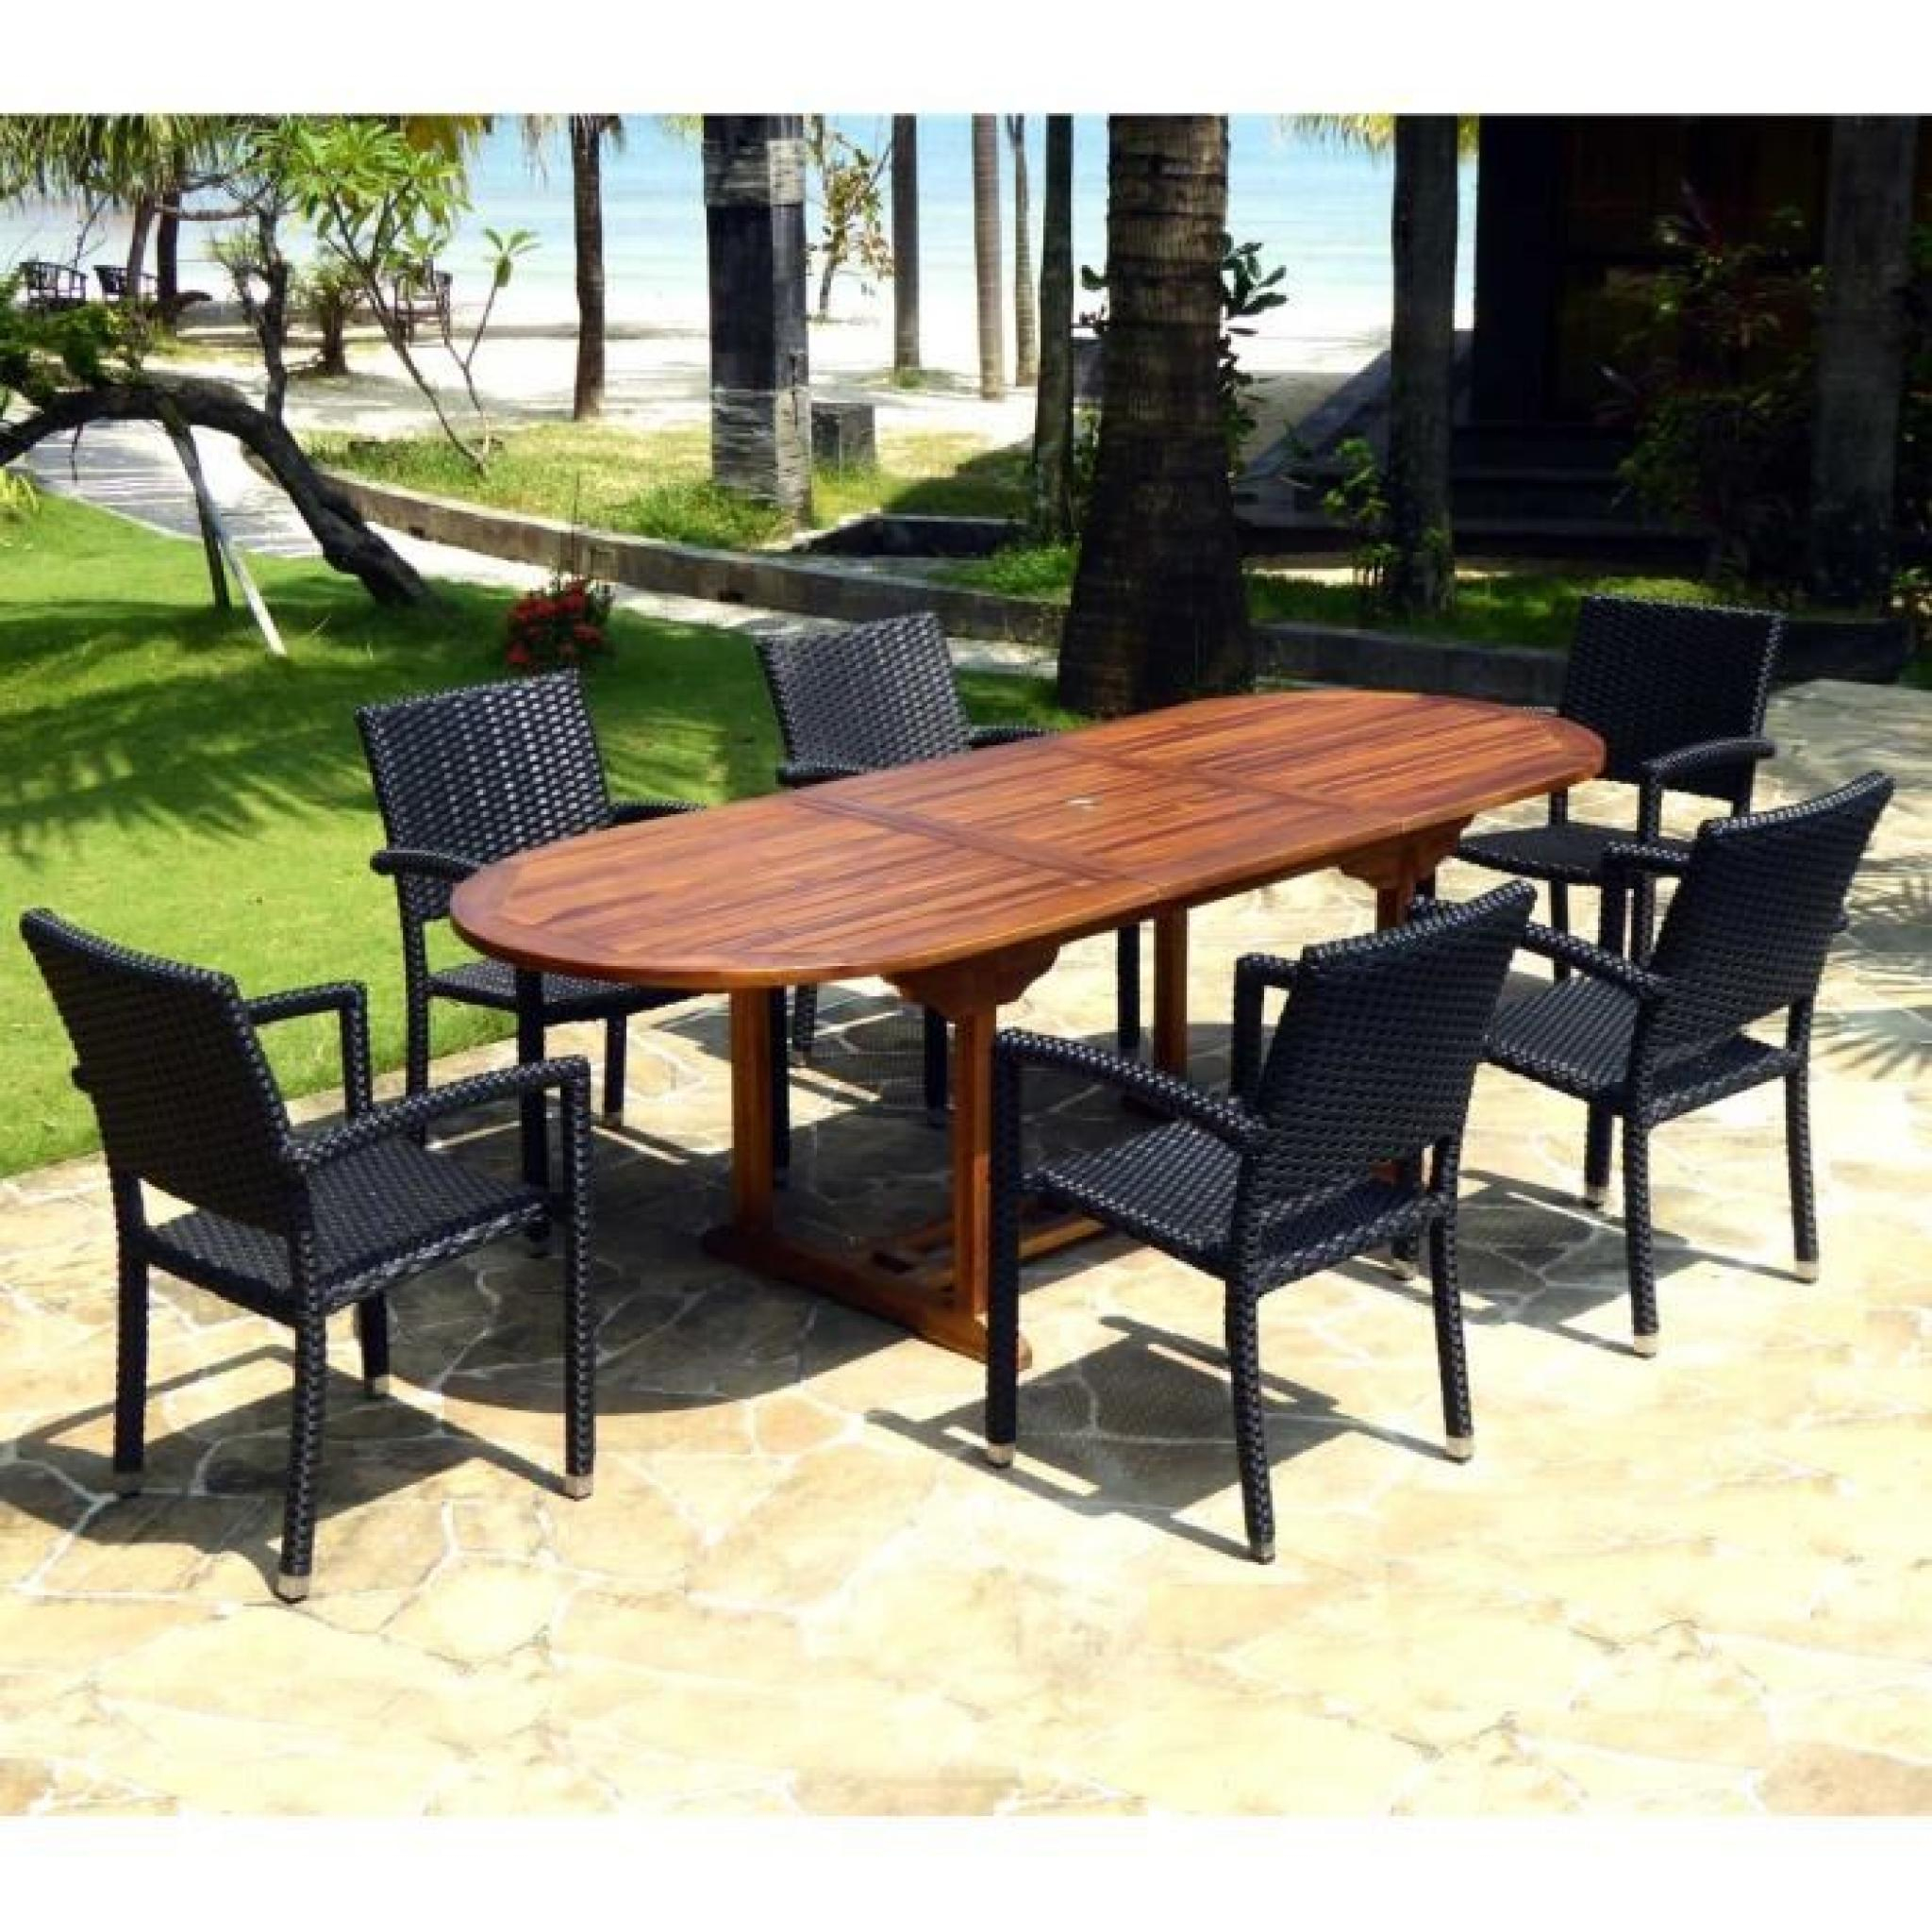 Salon De Jardin En Teck Huilé Table 240 Cm 6 Fauteuils Résine Noire destiné Salon De Jardin En Teck Pas Cher